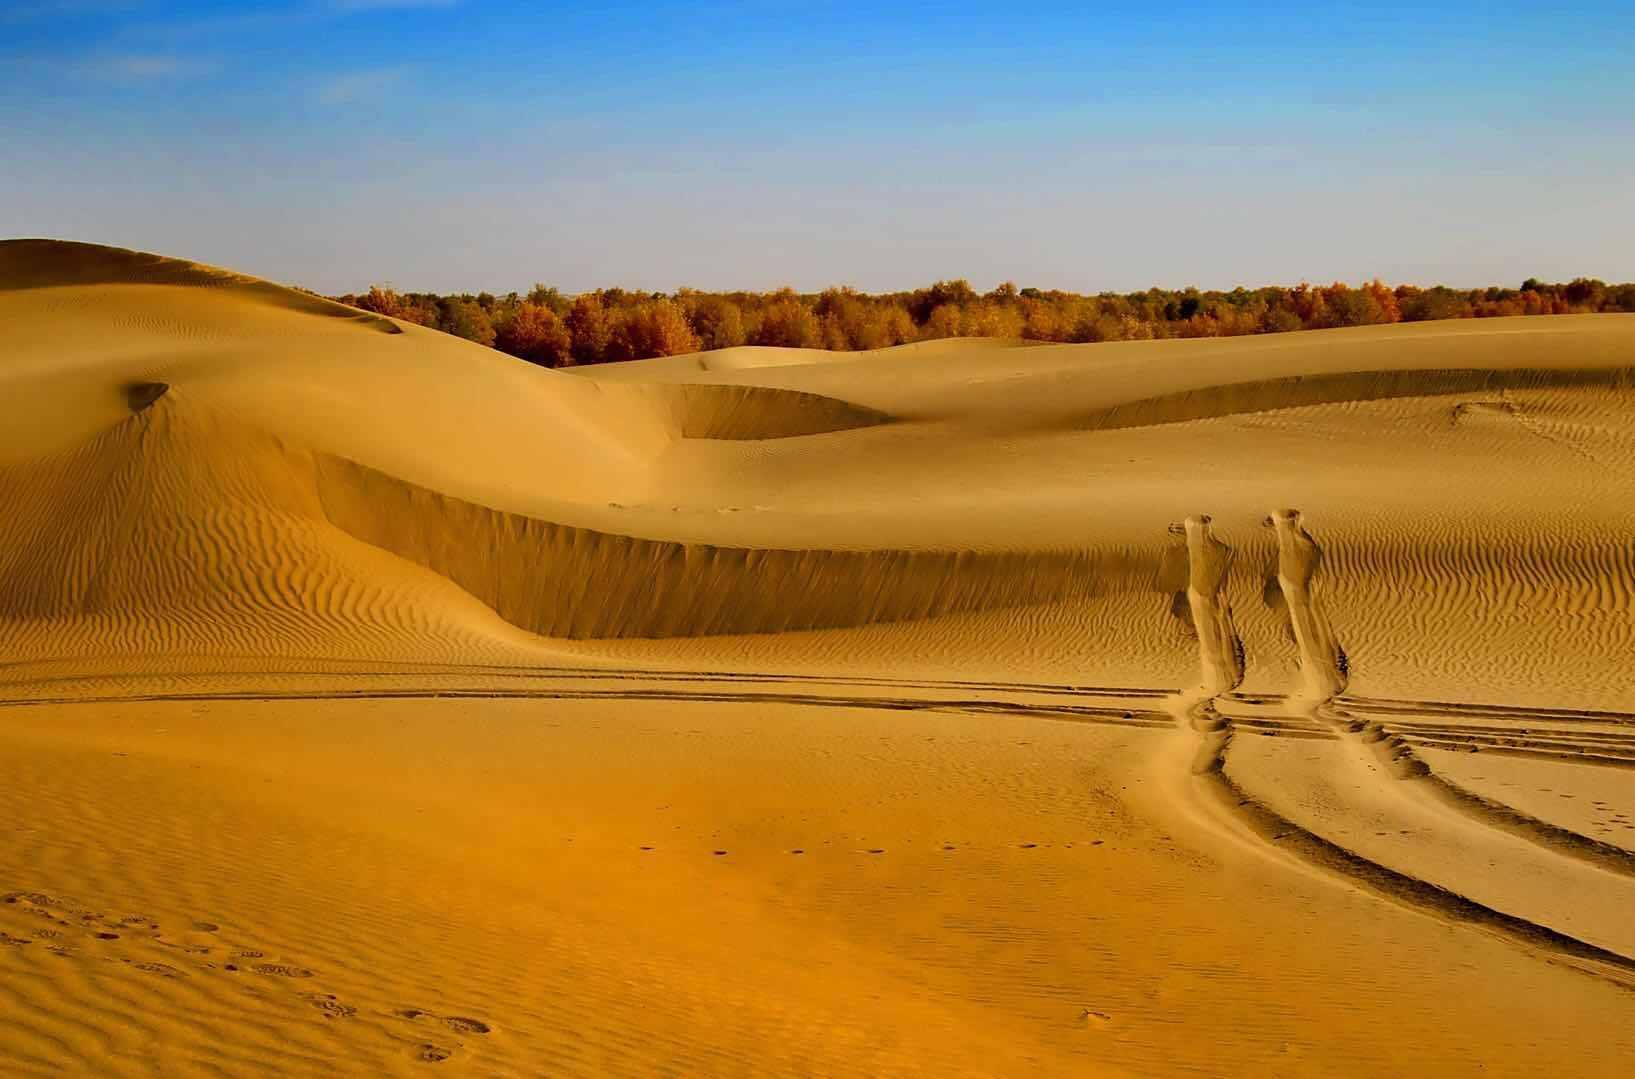 塔克拉玛干沙漠的探索之旅